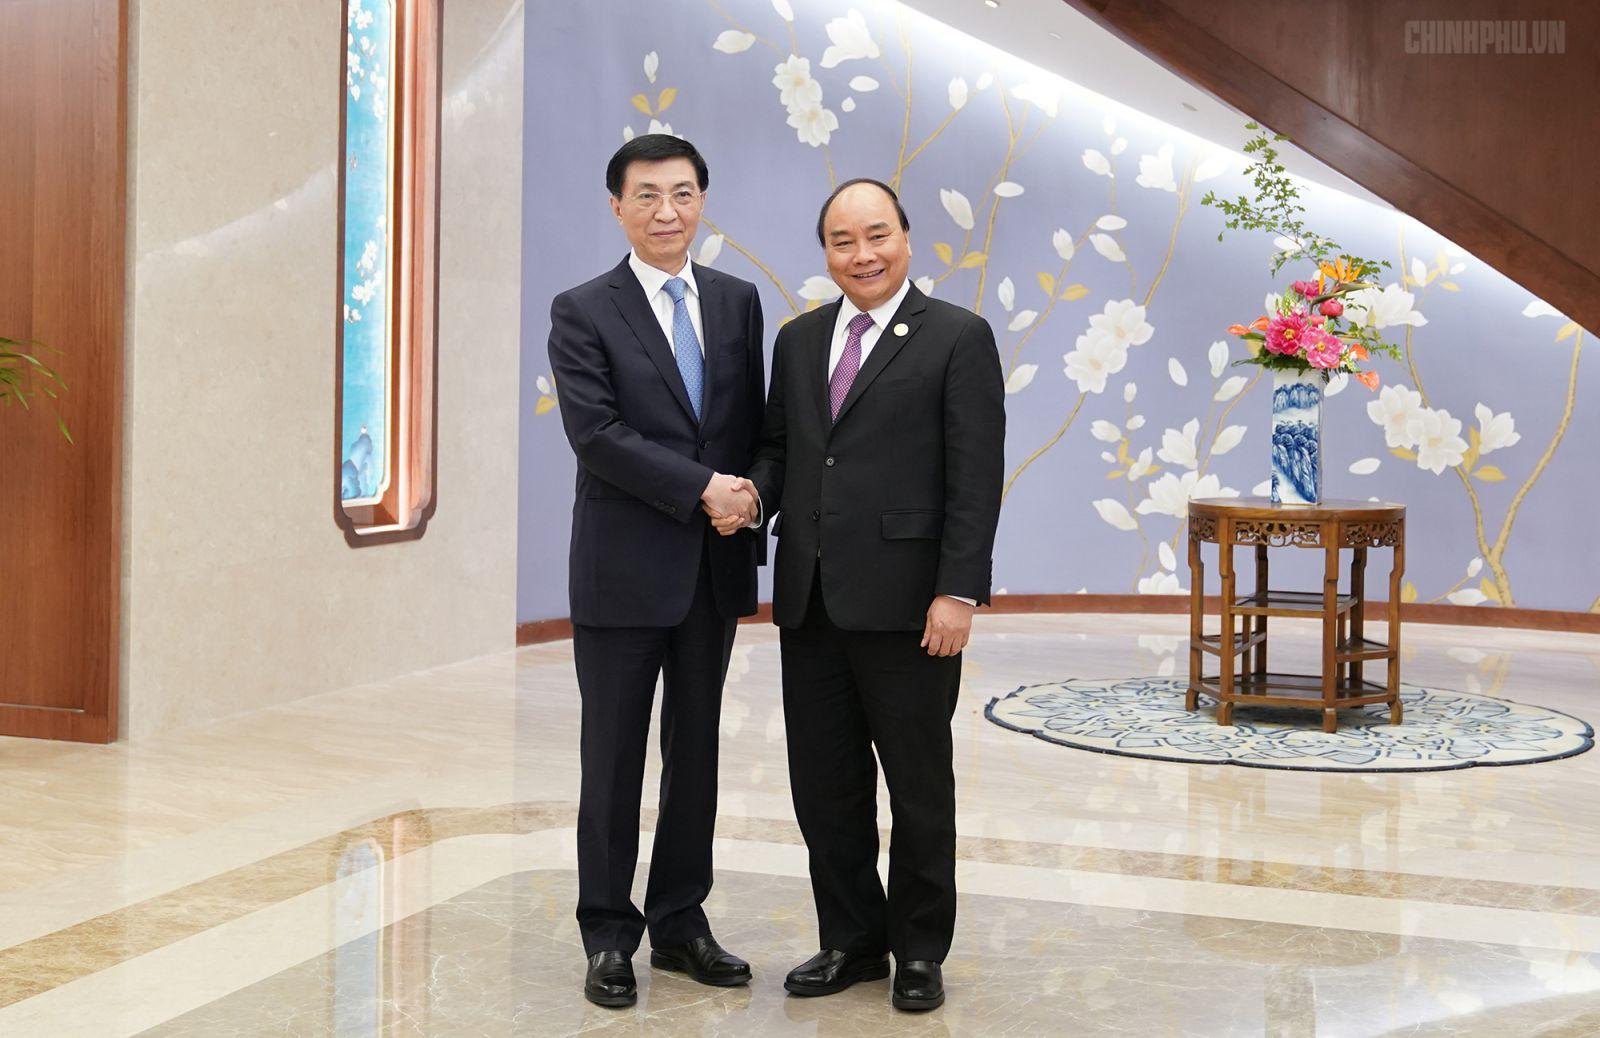 Thủ tướng Nguyễn Xuân Phúc và đồng chí Vương Hộ Ninh. Ảnh: VGP/Quang Hiếu